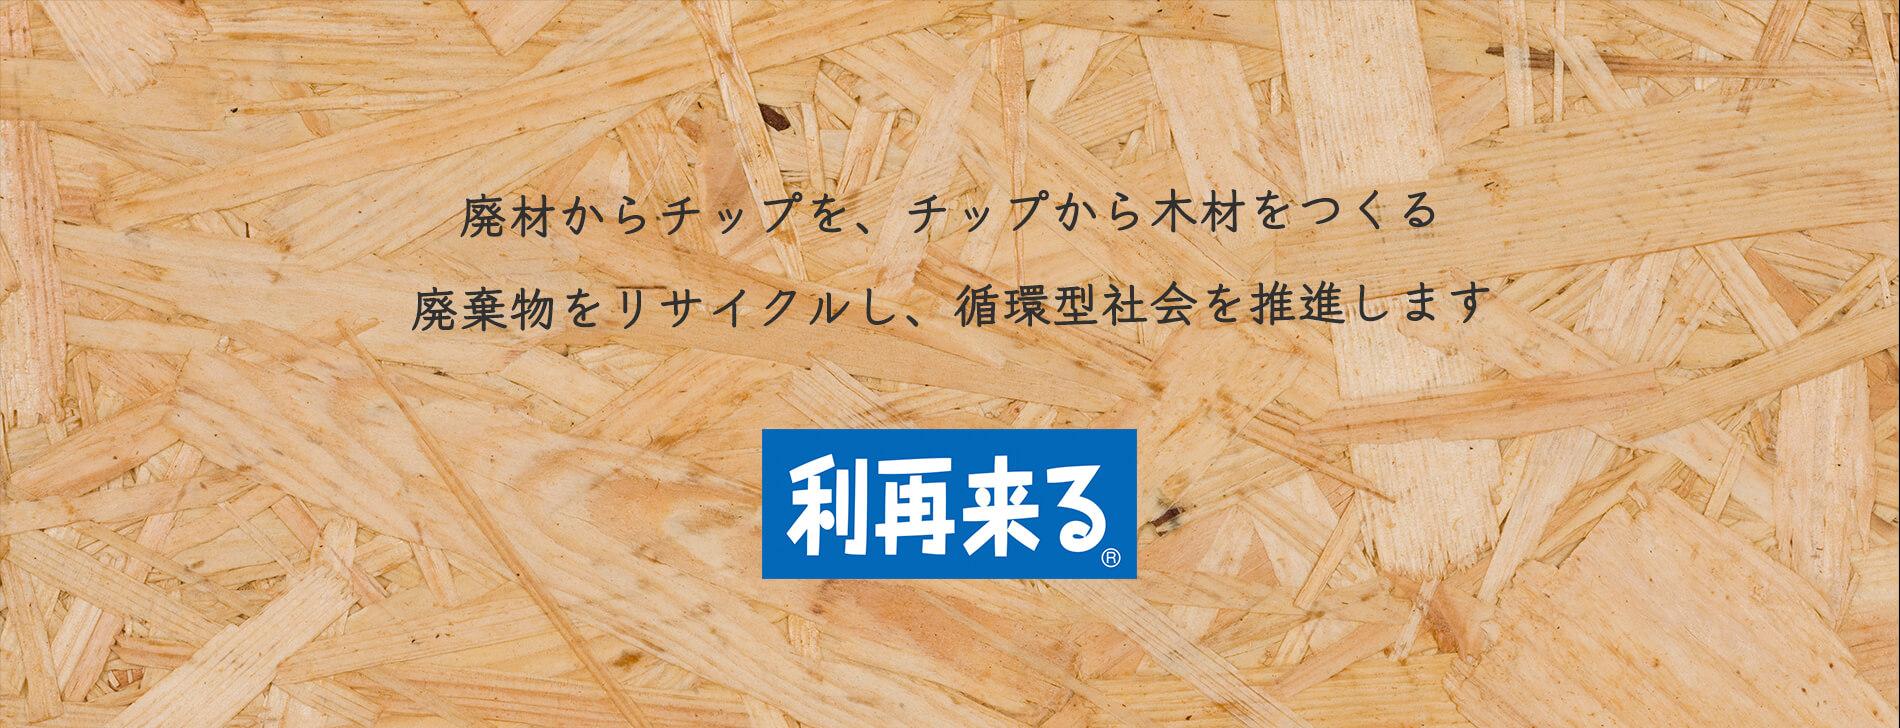 株式会社クワバラ・パンぷキン 利再来る